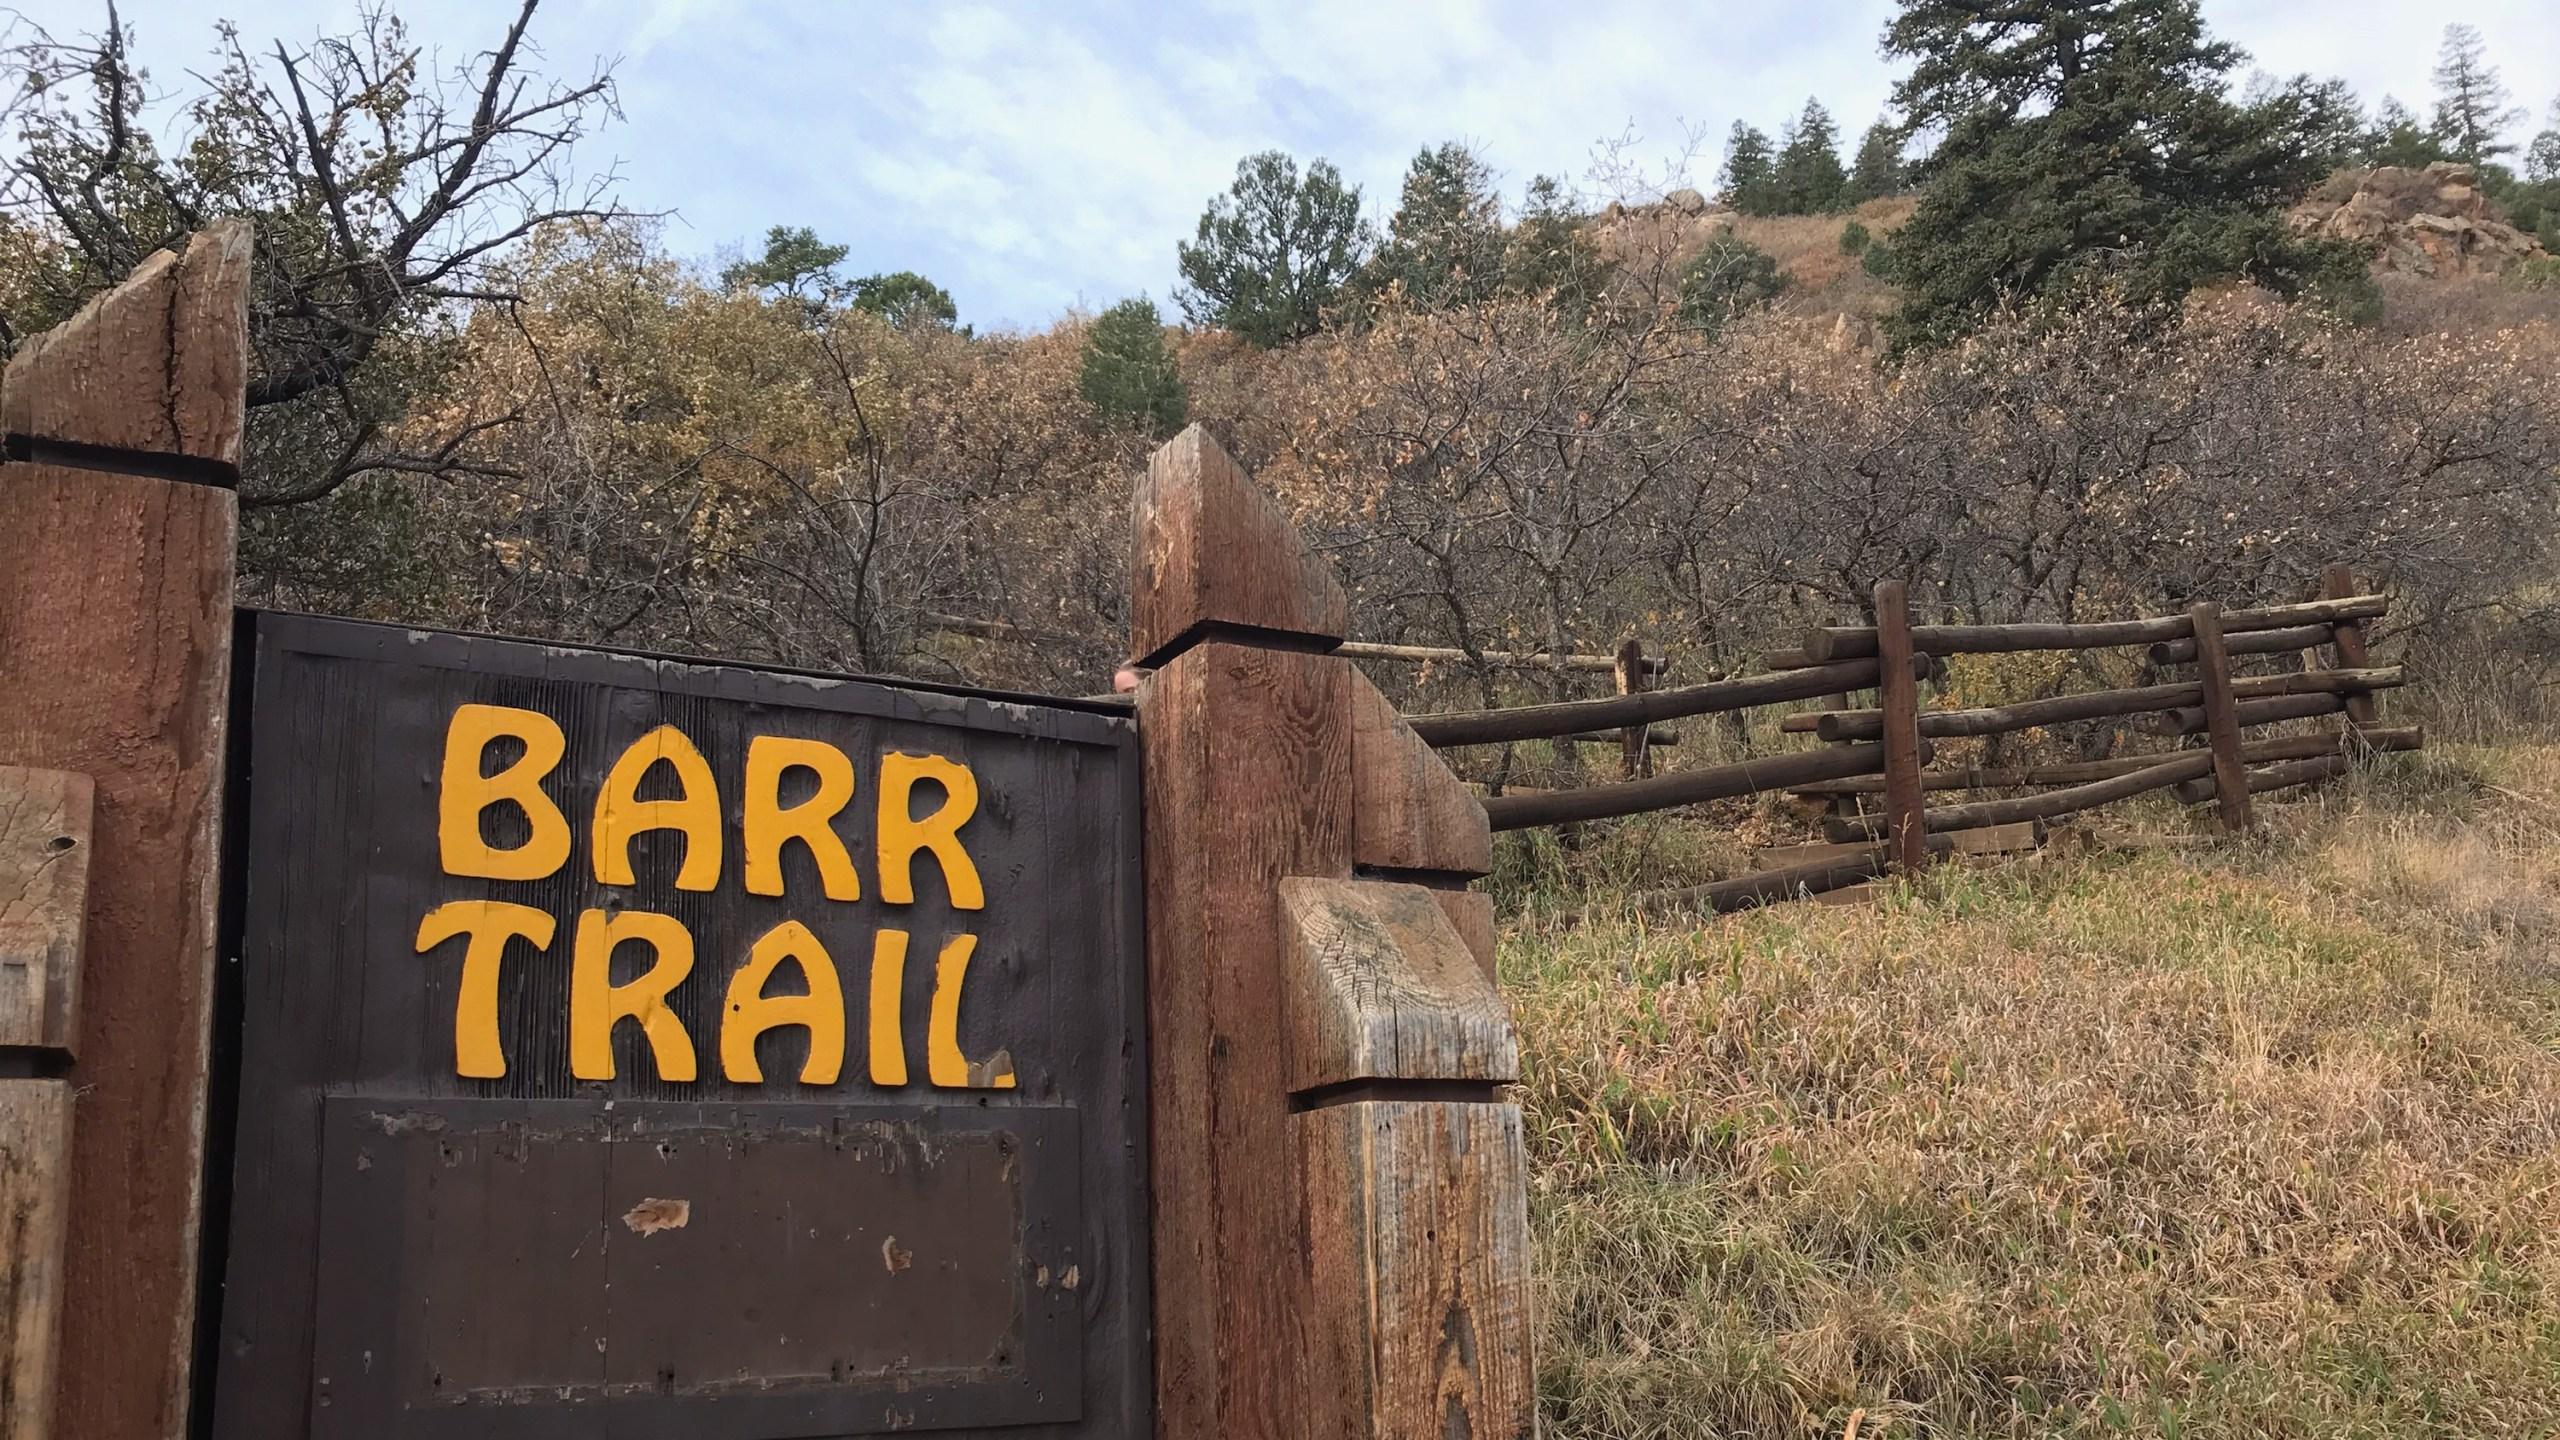 The Barr Trail trailhead on October 29, 2018. Shawn Shanle - FOX21 News